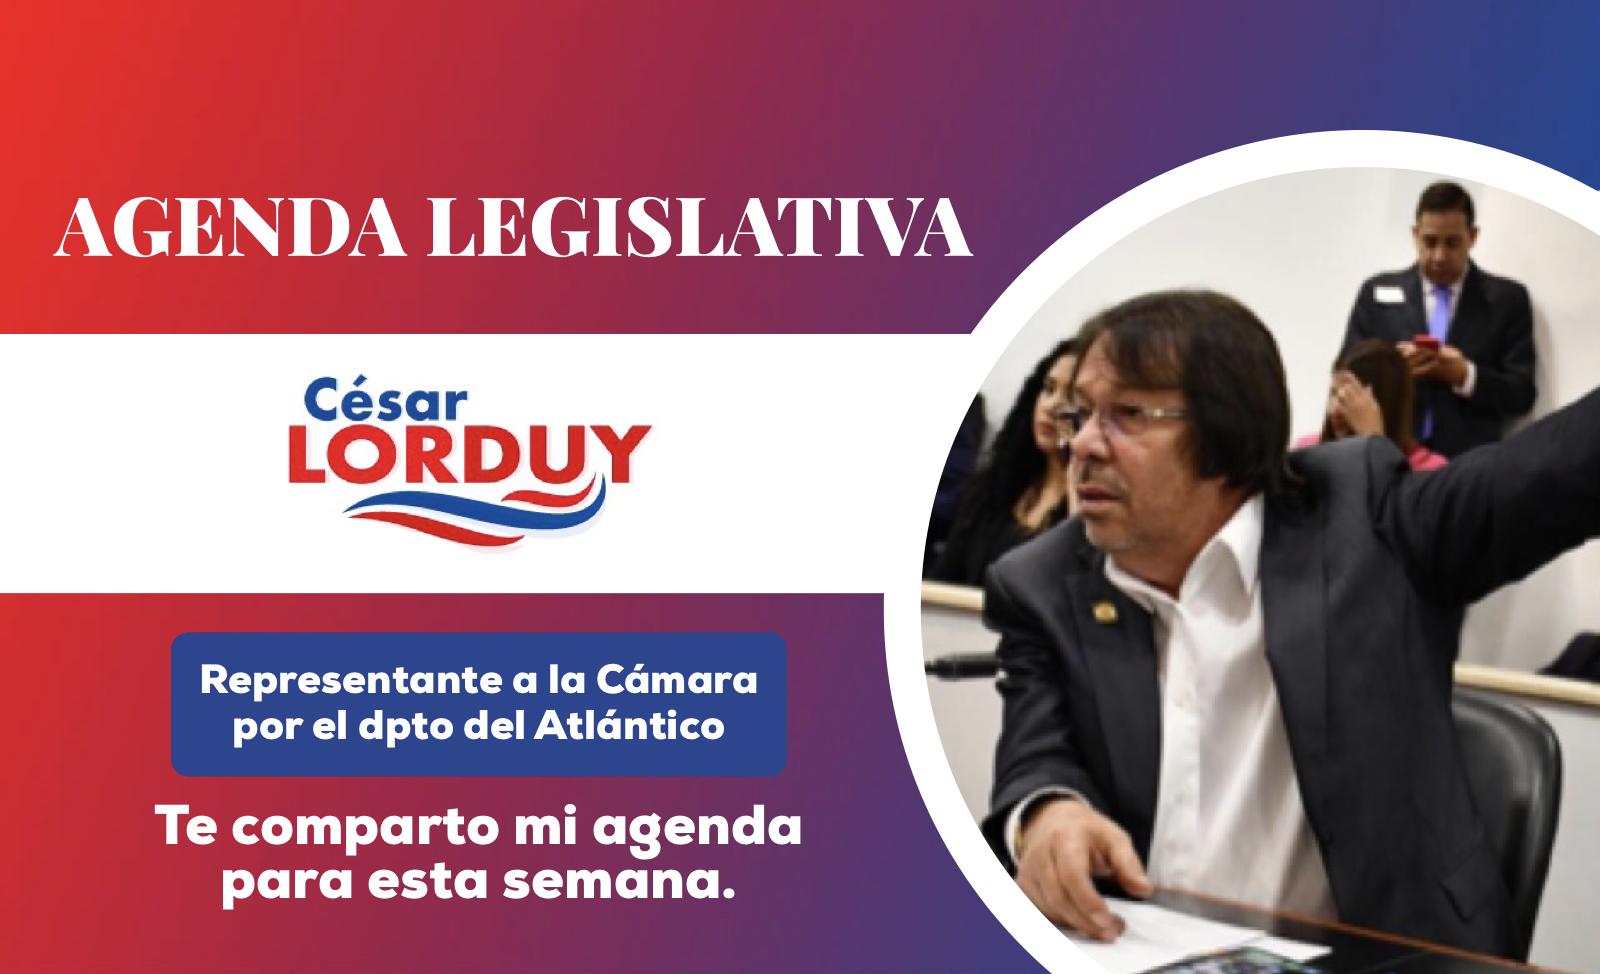 Cesar Lorduy comparte su agenda legislativa en la Cámara de Representantes del del 19 al 23 de agosto 1